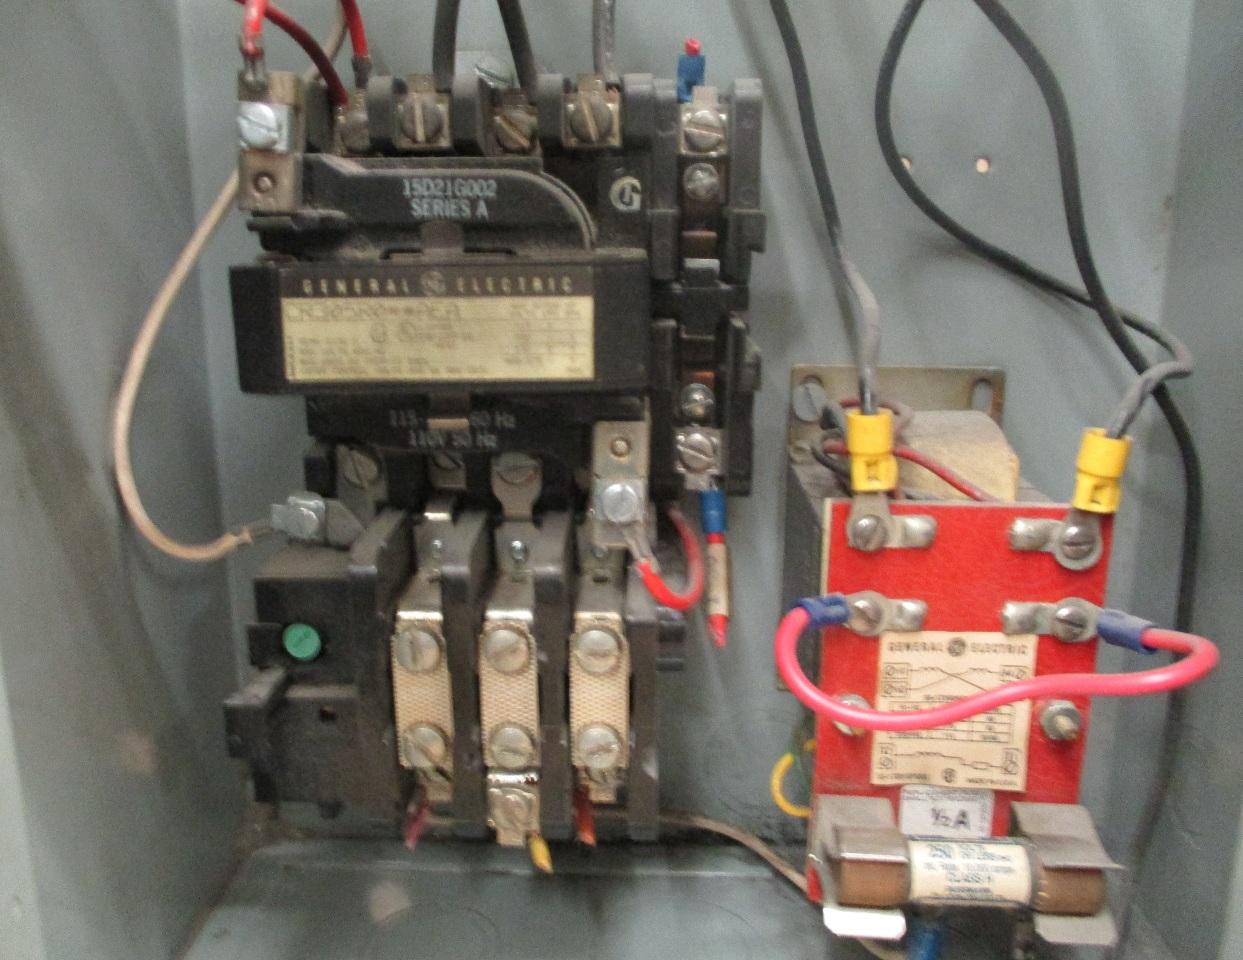 Enjoyable Ge 300 Line Control Wiring Diagram Basic Electronics Wiring Diagram Wiring Digital Resources Millslowmaporg